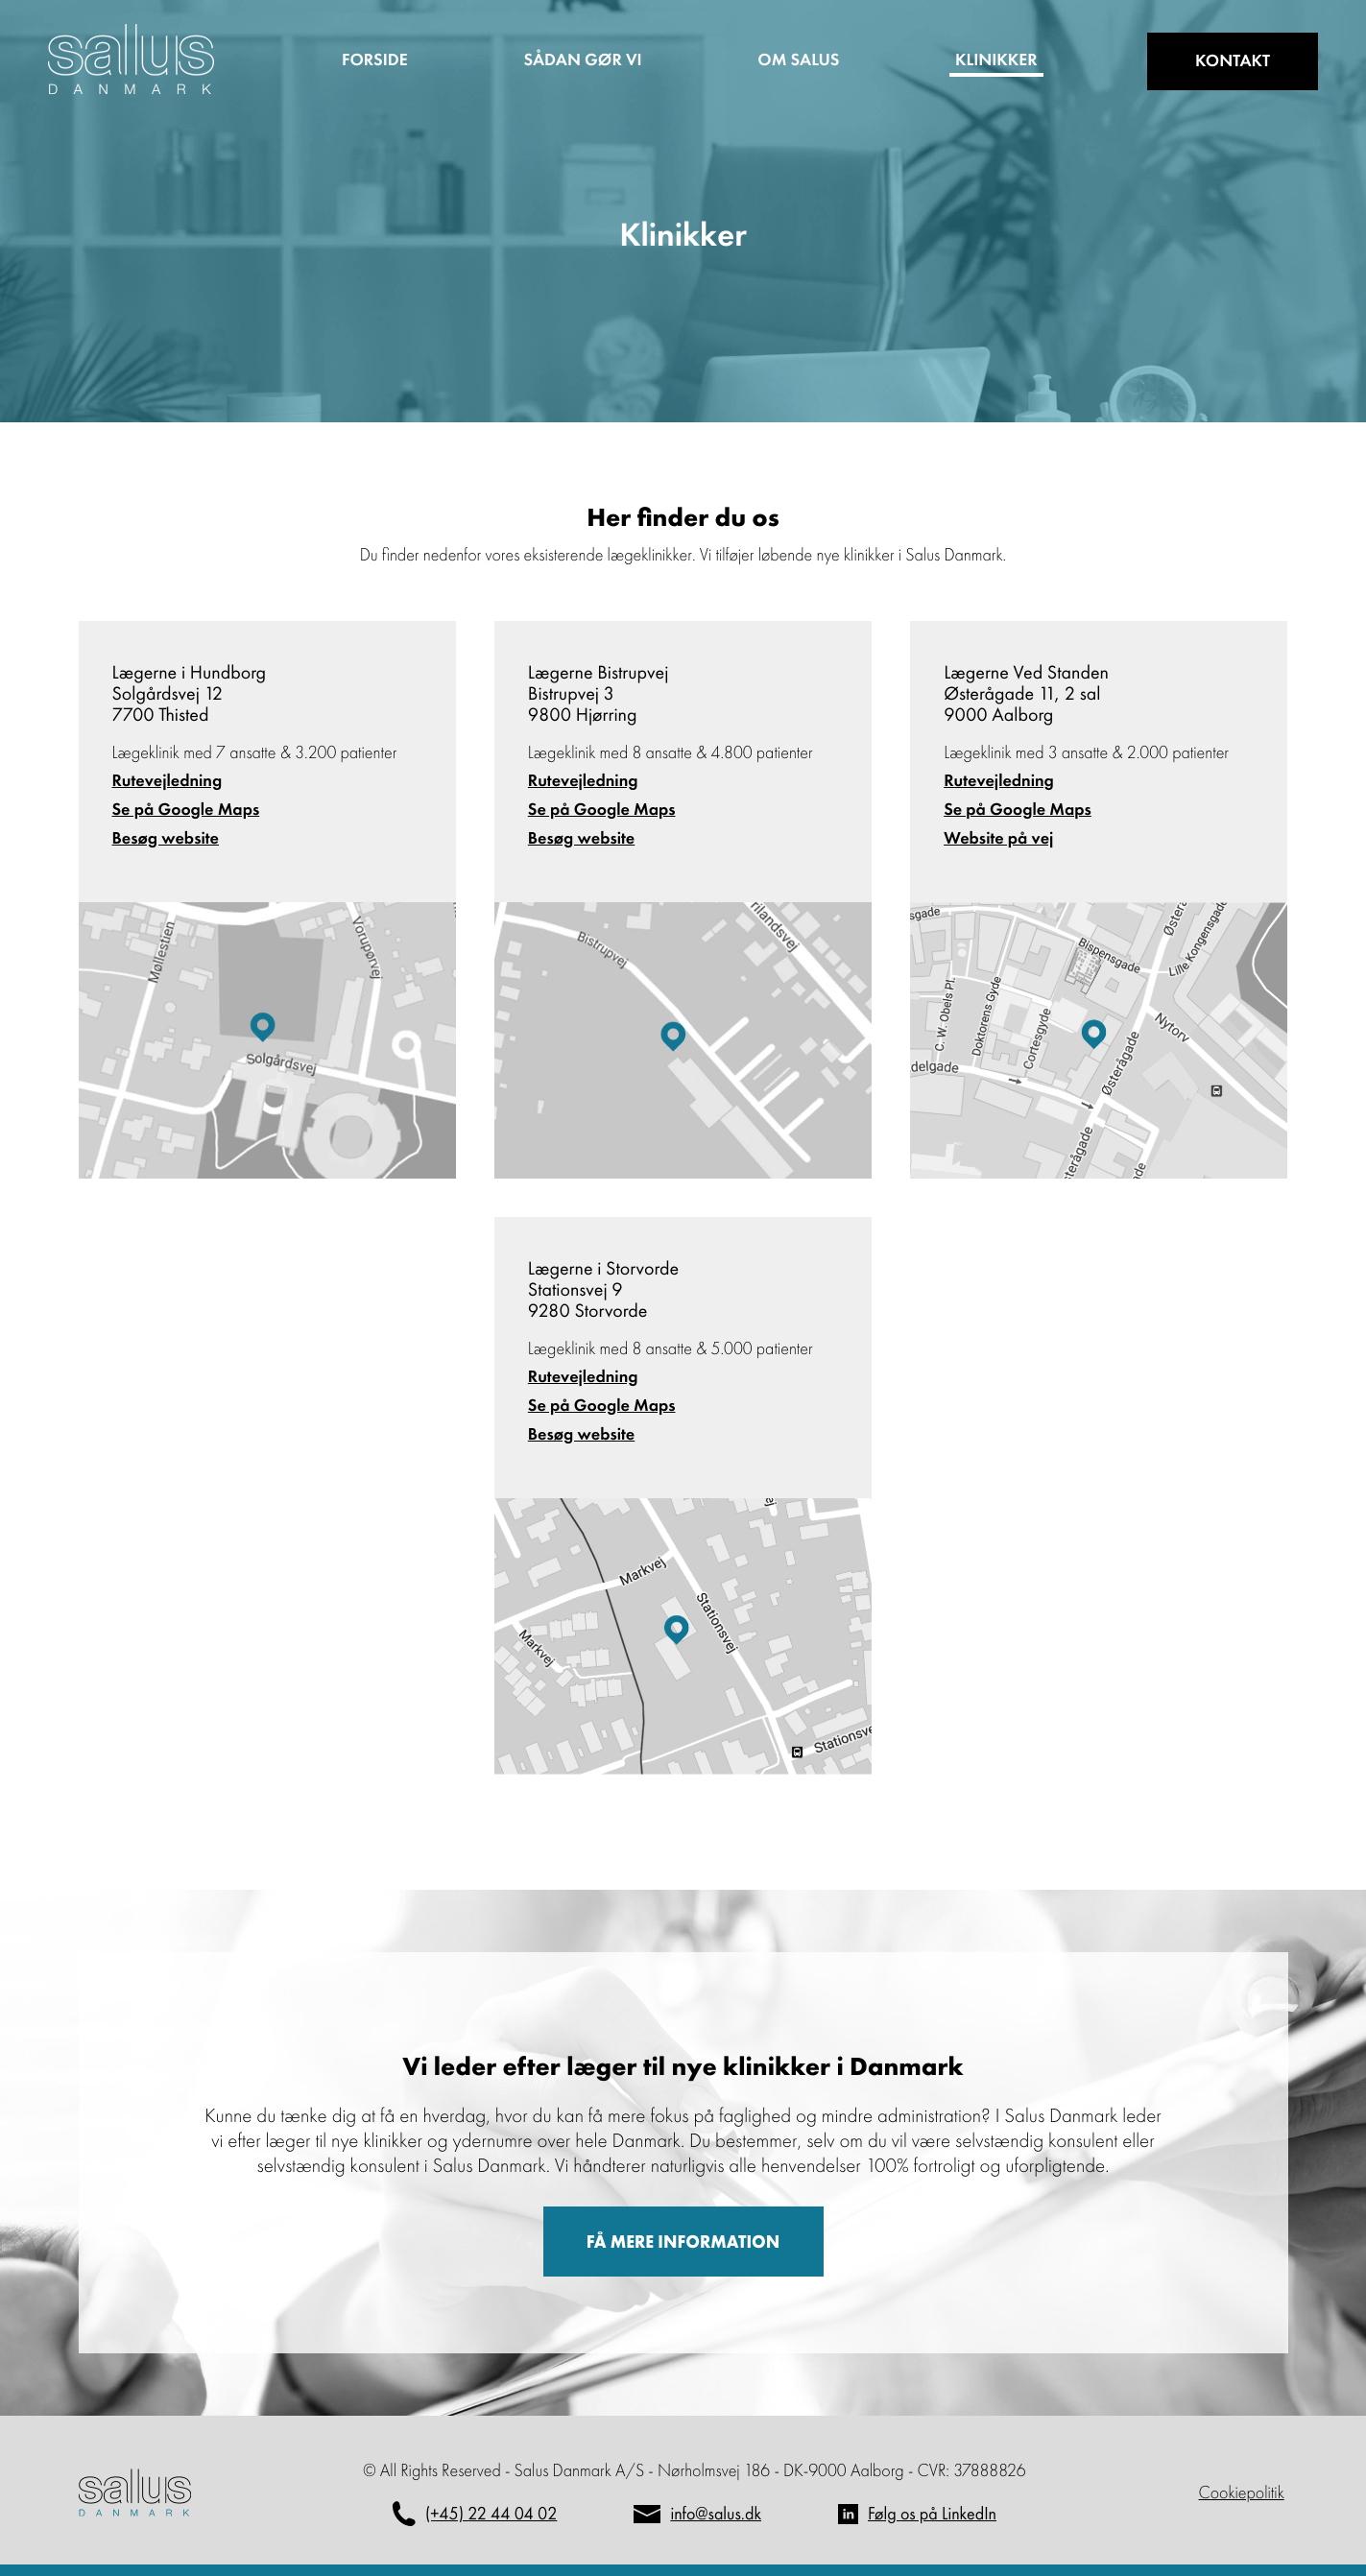 screencapture-salus-dk-klinikker-2018-05-16-12_57_49.png